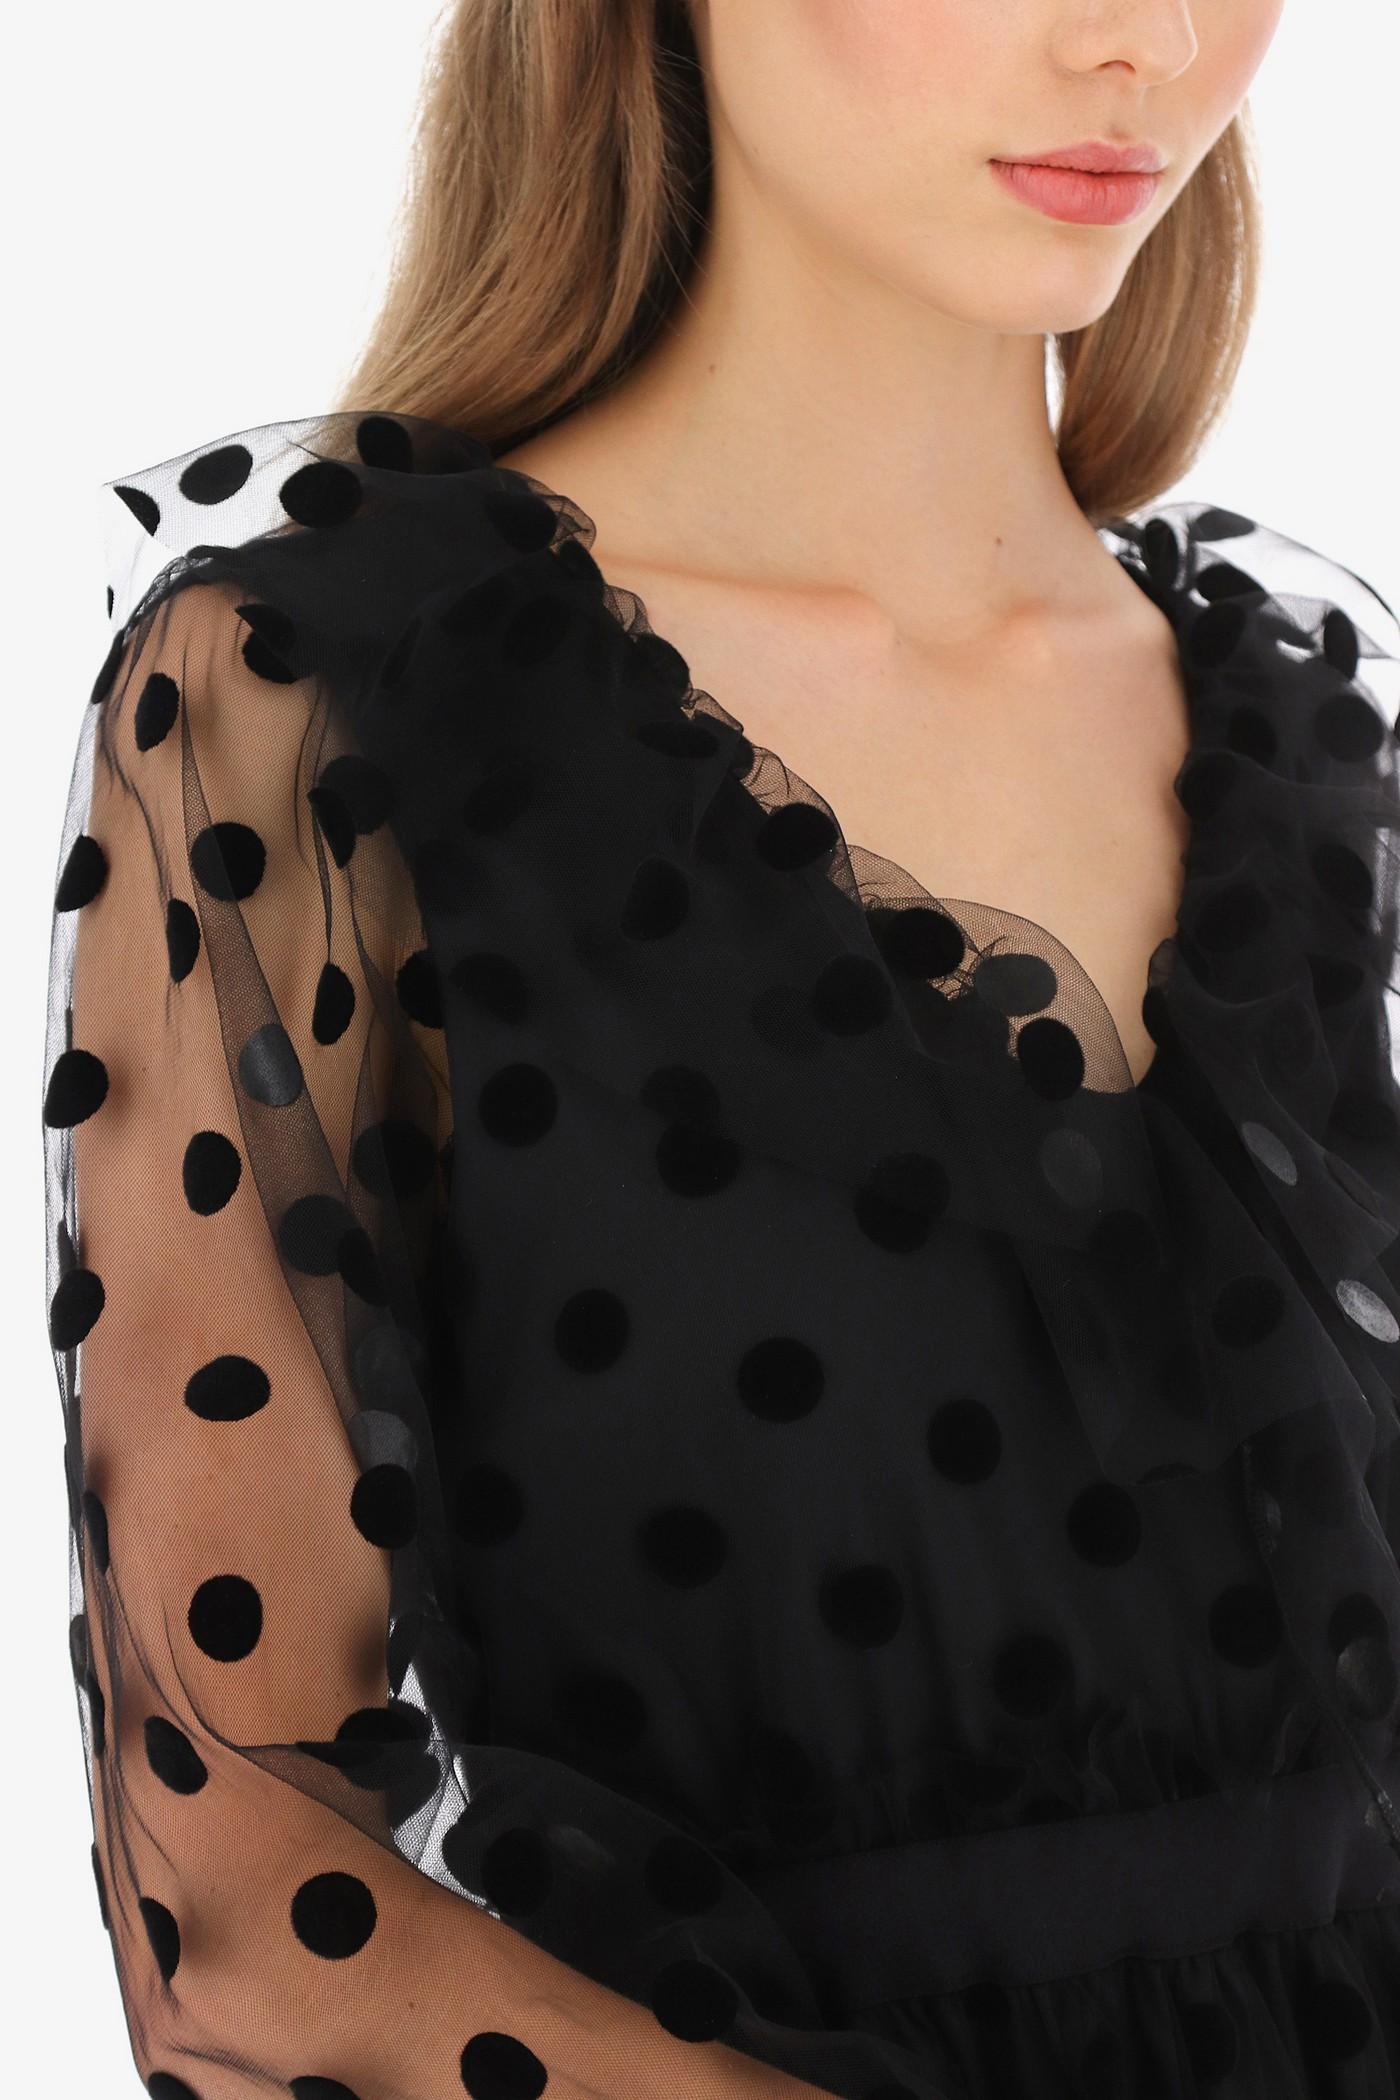 Коротенькое платье в крупный горох, итальянского бренда